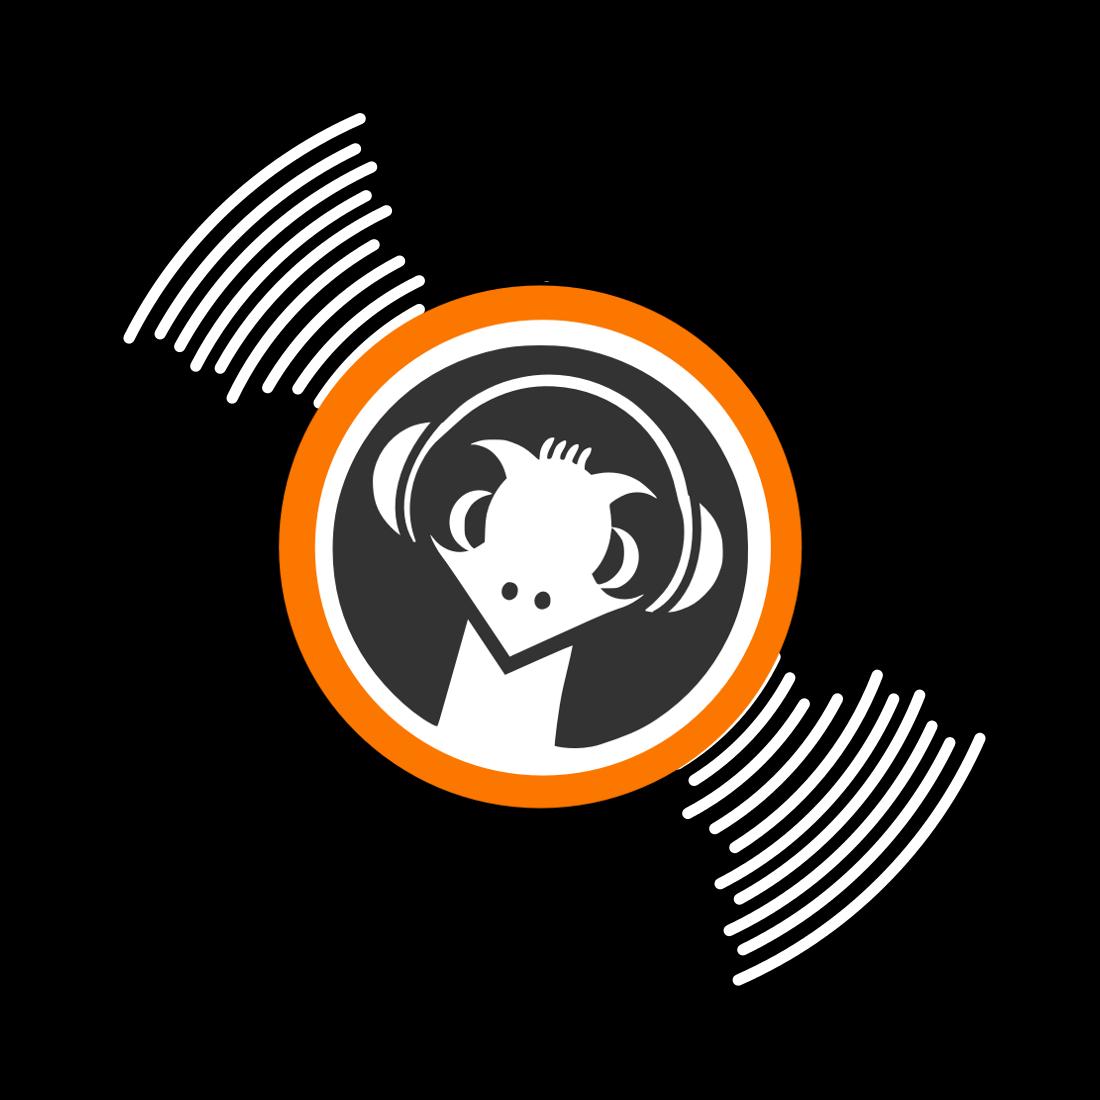 [DJ Discotheque] Unknown